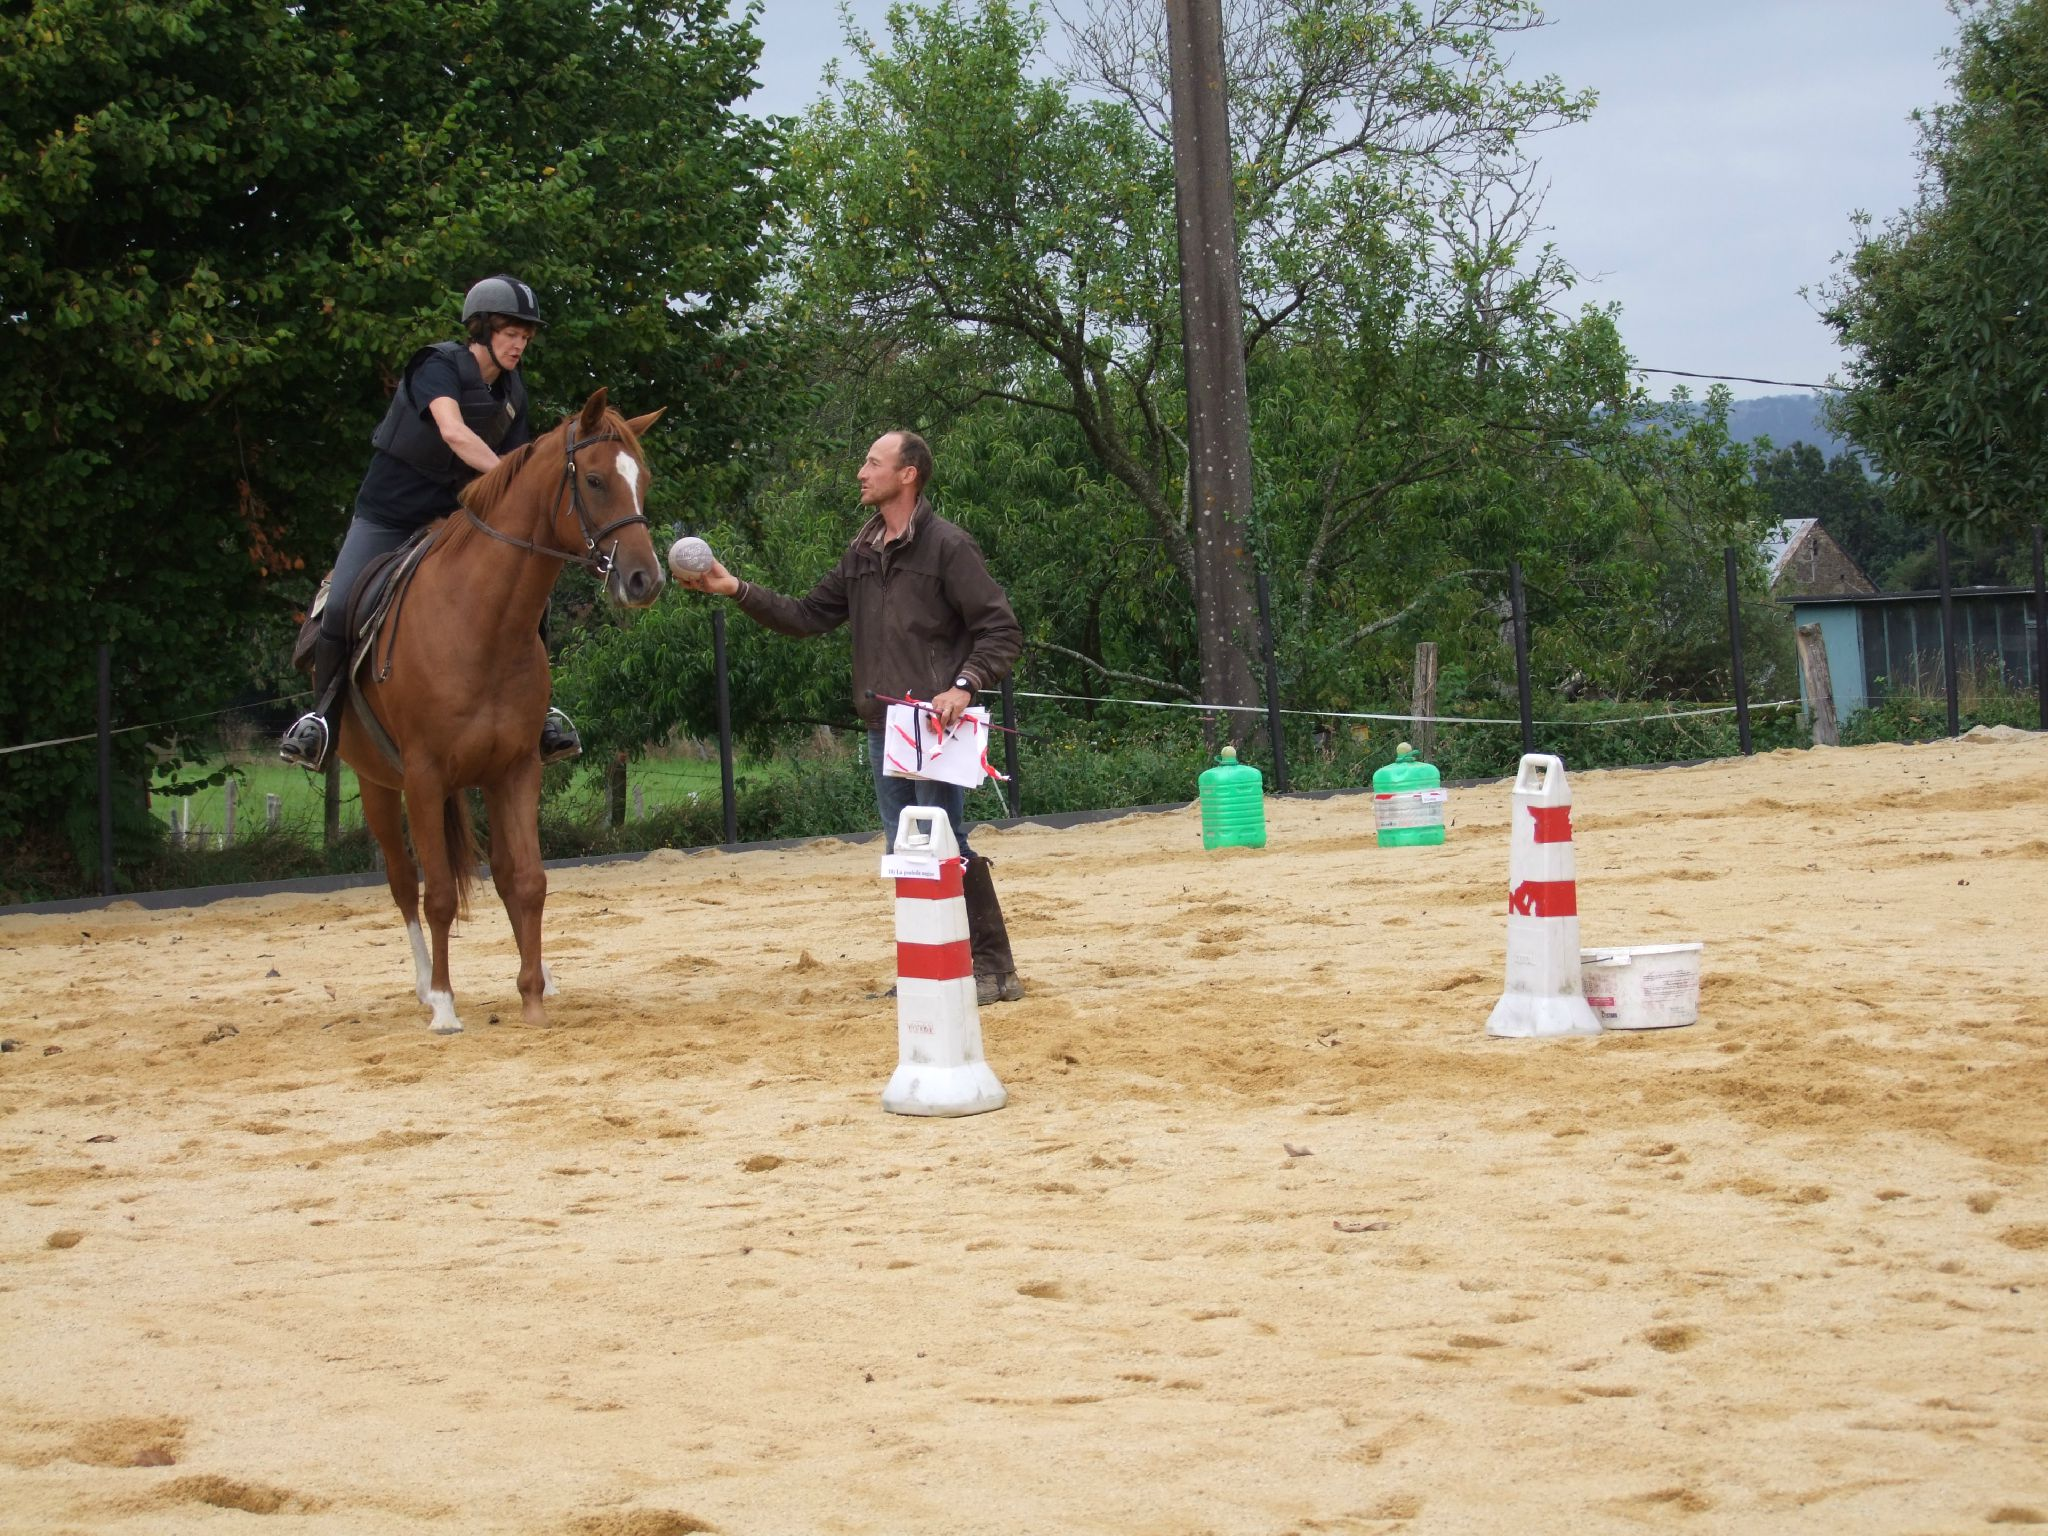 équitation d'extérieur - parcours en terrain varié (187)